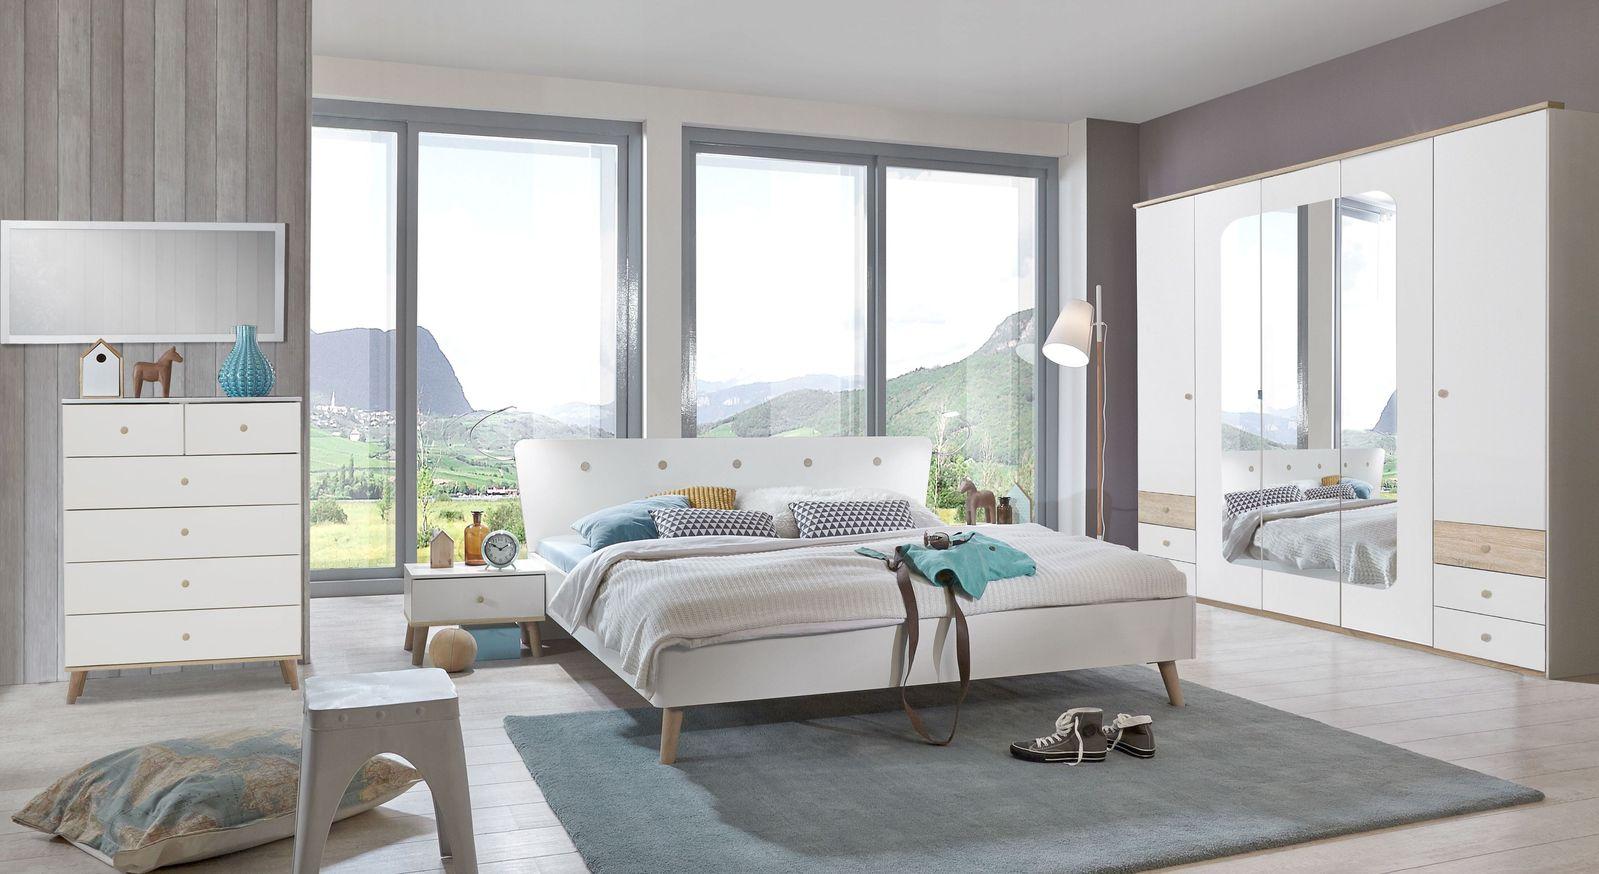 Passende Schlafzimmermöbel zur Schubladen-Kommode Corvara